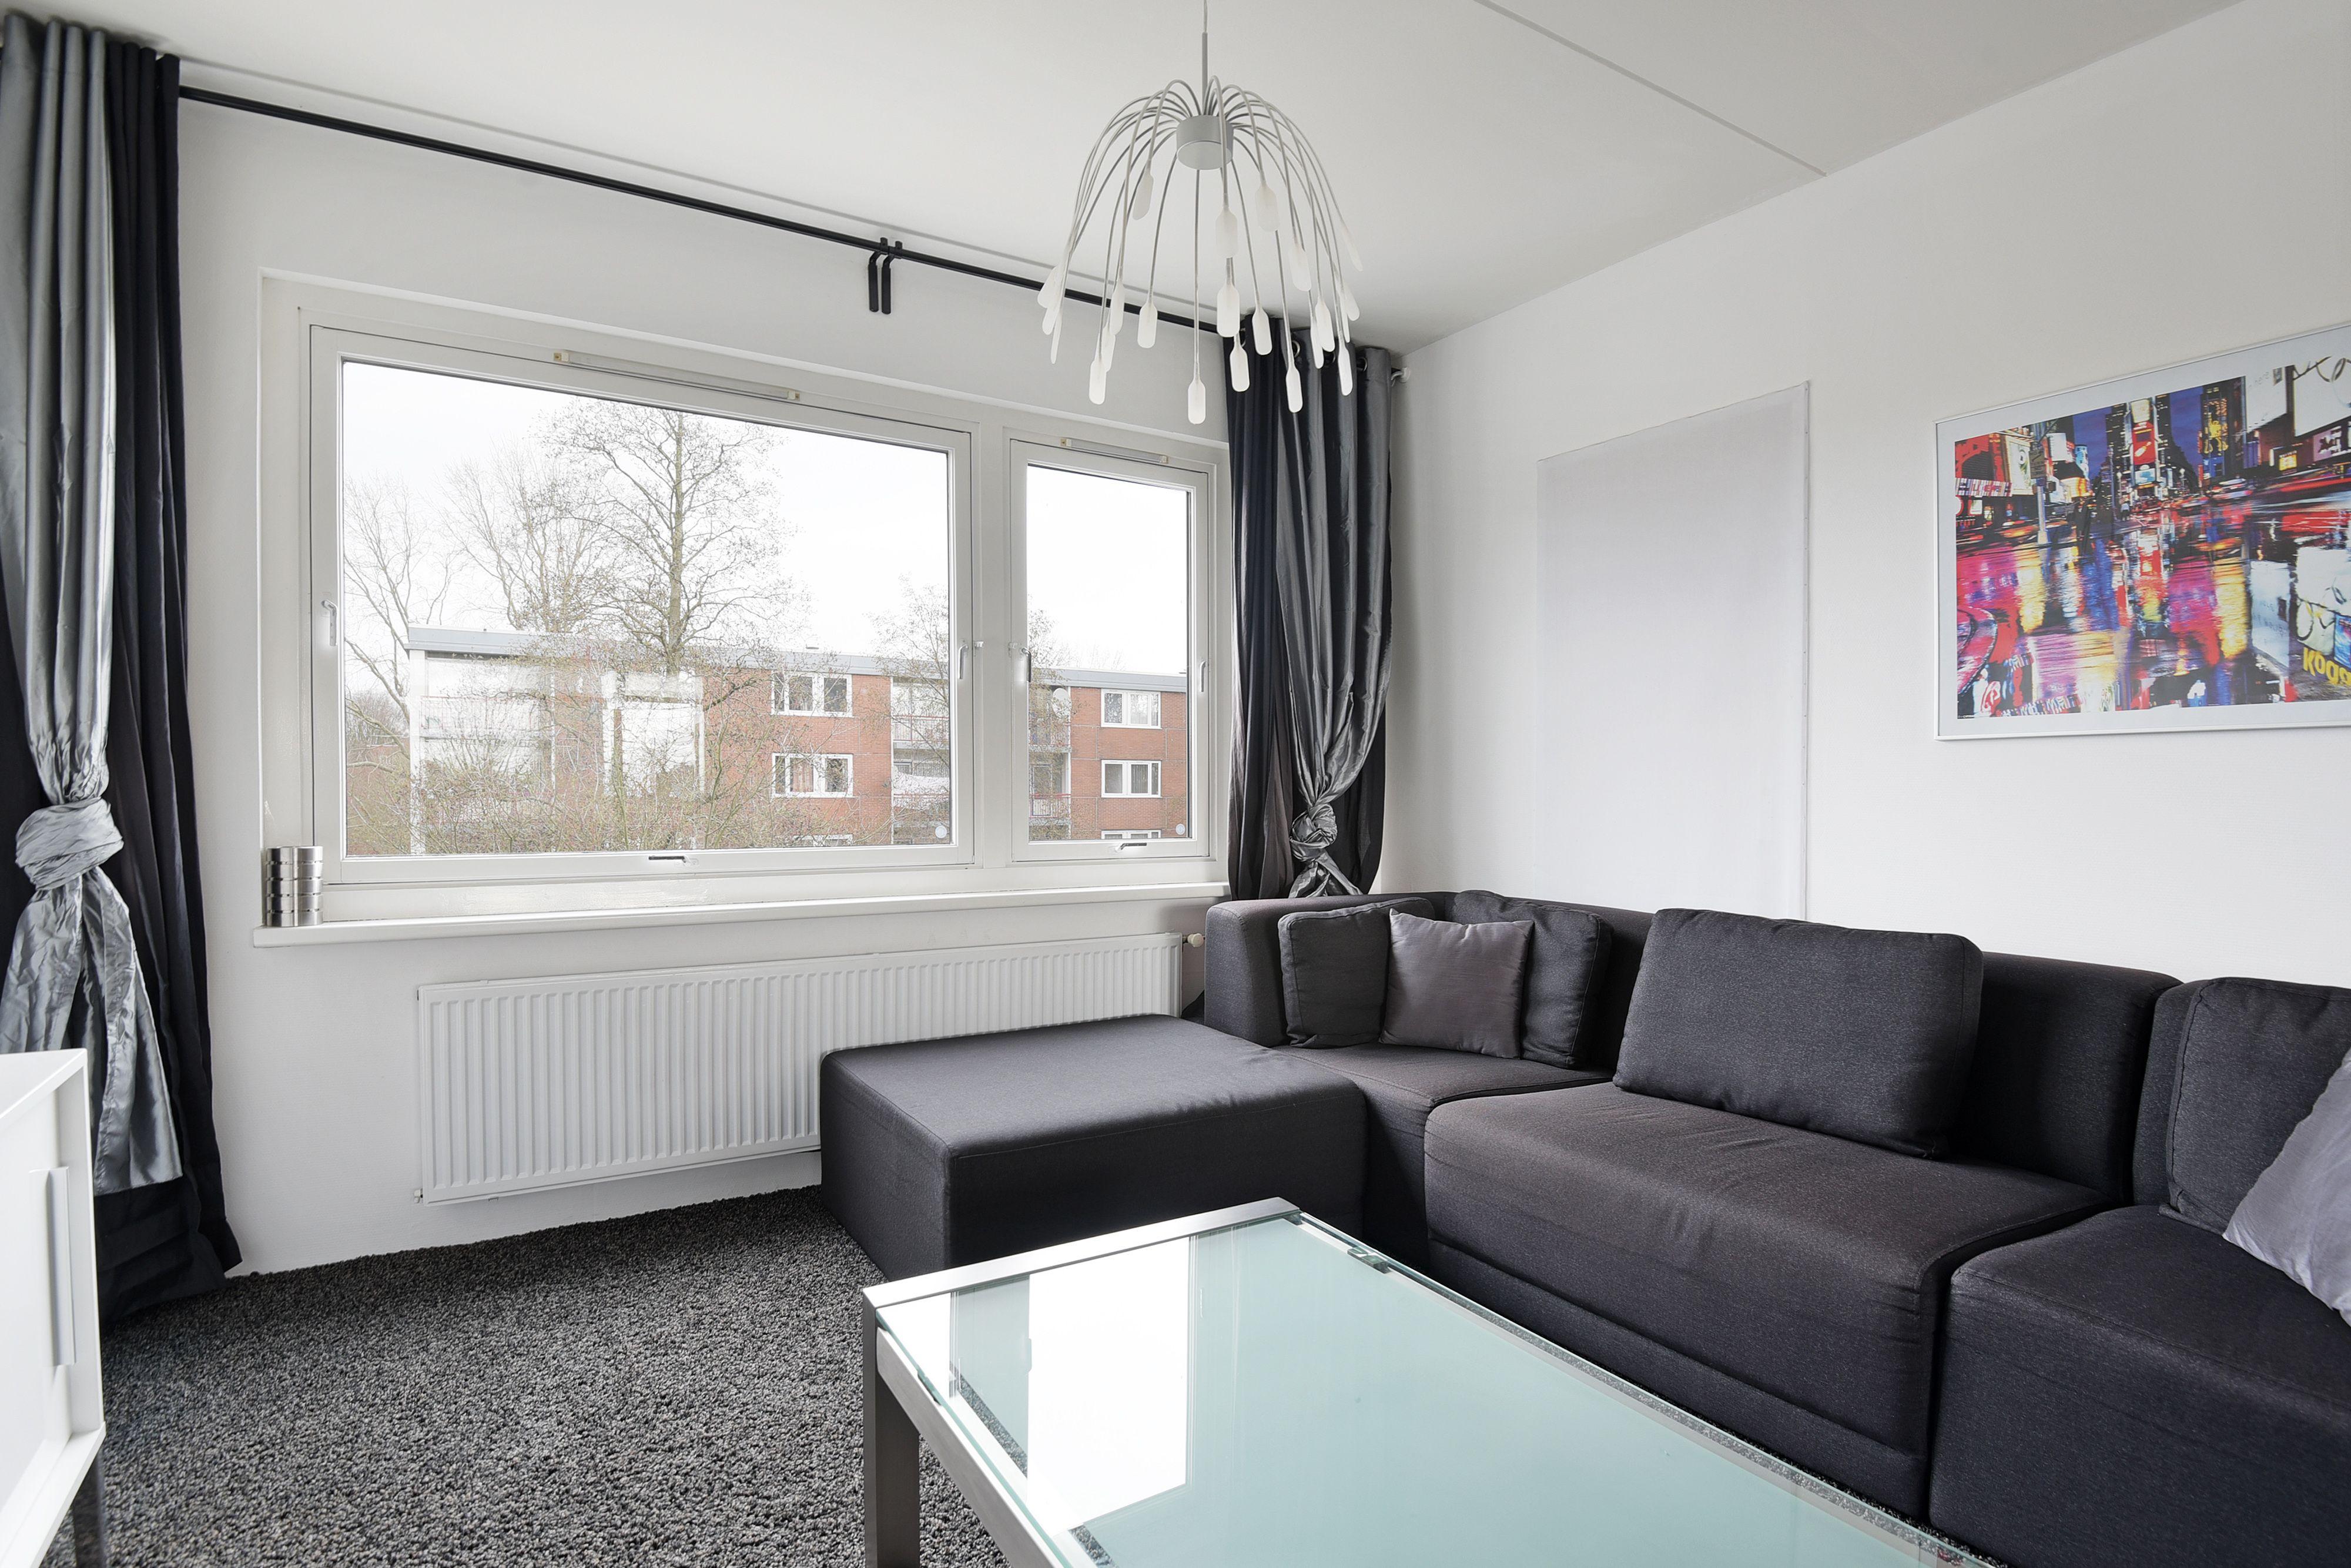 Te koop: Houdringe 89, Amsterdam - Hoekstra en van Eck - Méér makelaar. Wonen op hoogte? Jas op hangen en wonen? Instap klaar? Zijn dit vragen waar jij graag een JA op hoort? Dan ben je hier aan het juiste adres. Met 2 slaapkamers, op de 3e etage gelegen, ruime woonkamer en zo te betrekken is dit een appartement waar je zeker moet komen kijken.